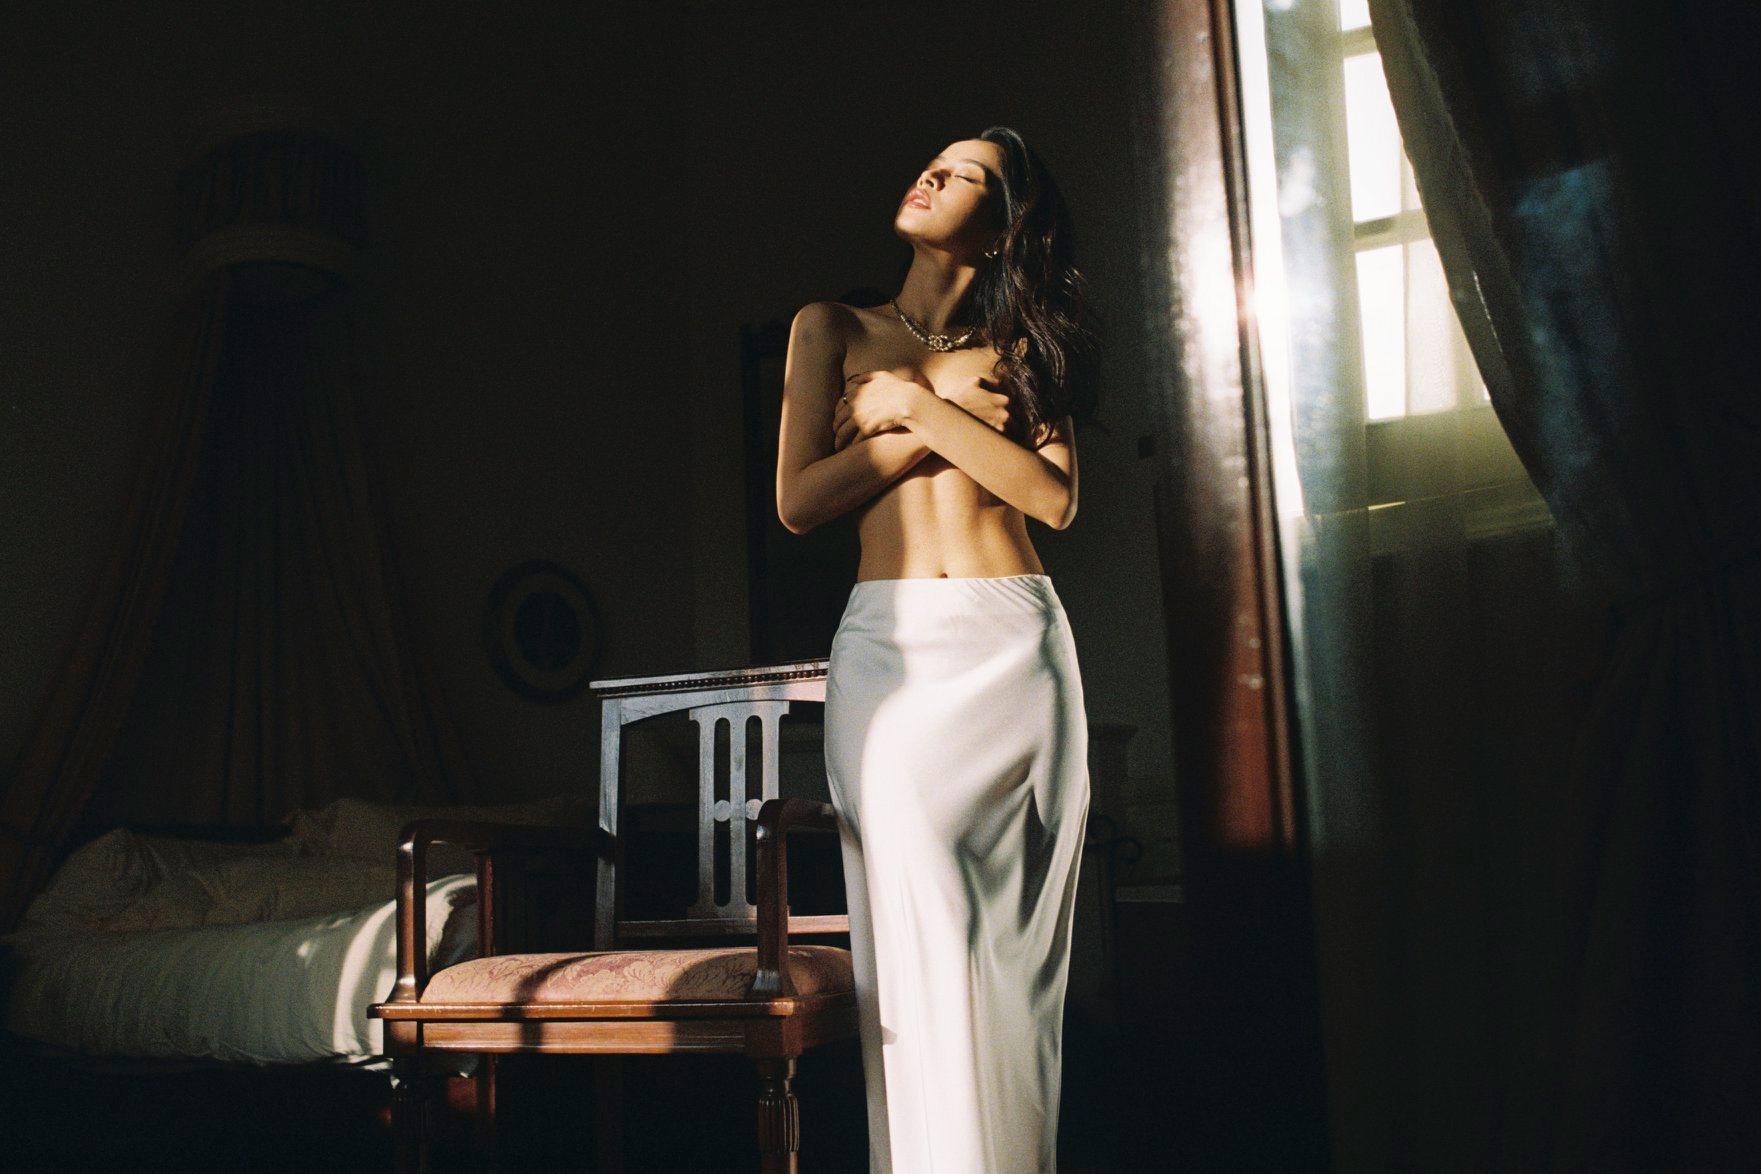 Kỳ Duyên, Chi Pu, Phạm Hương chụp bán nude, ai đẹp hơn?